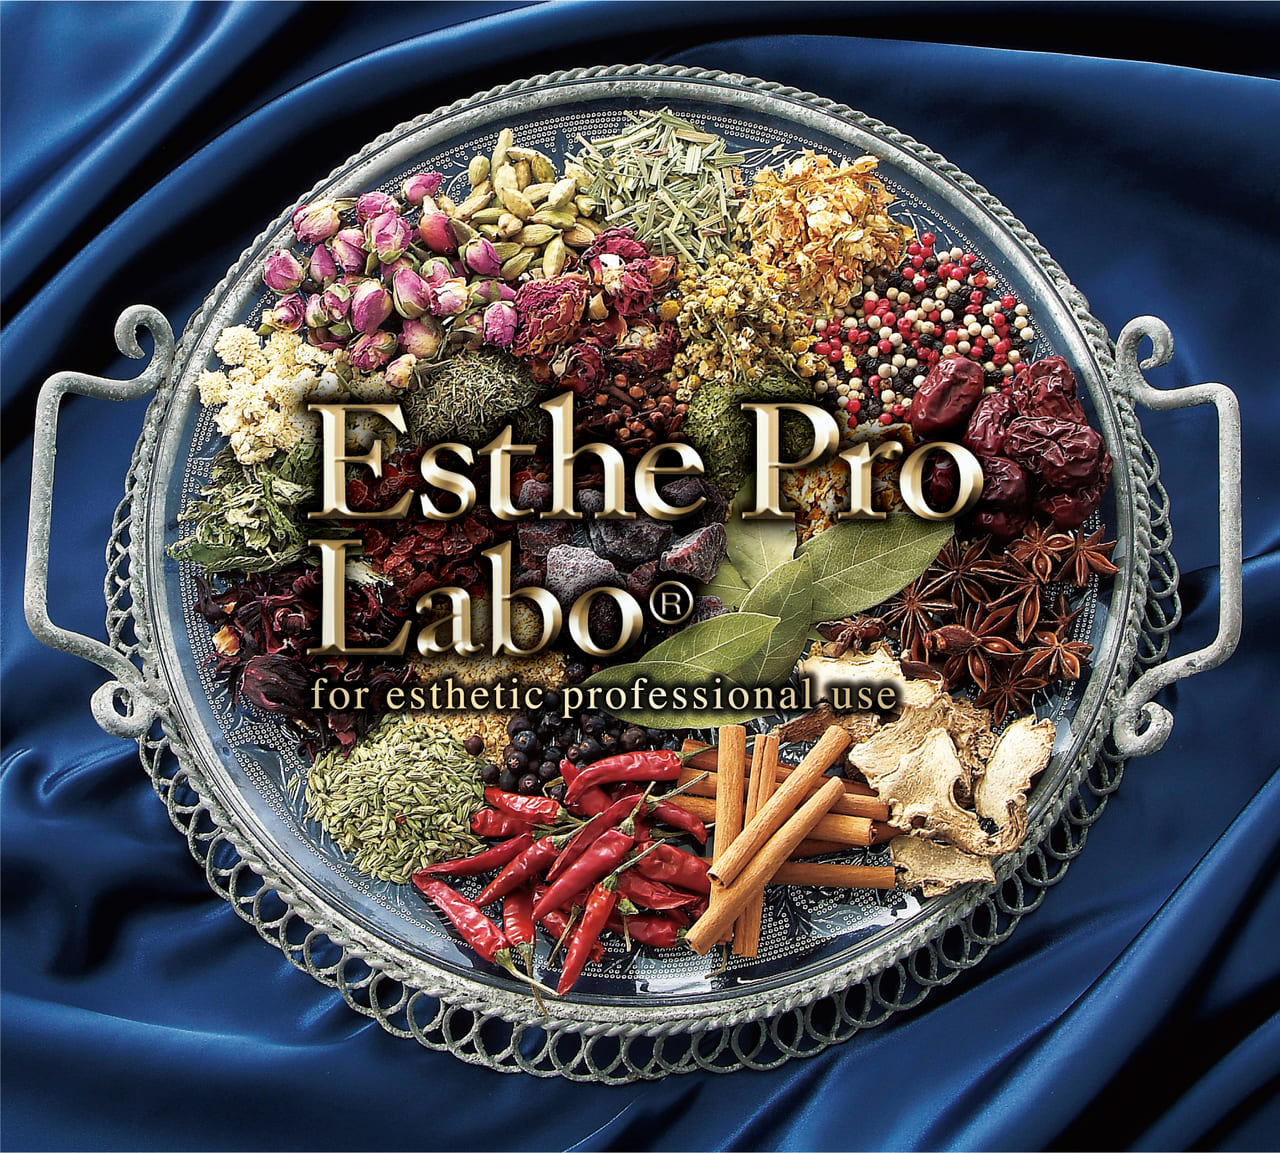 エステプロ・ラボのロゴ